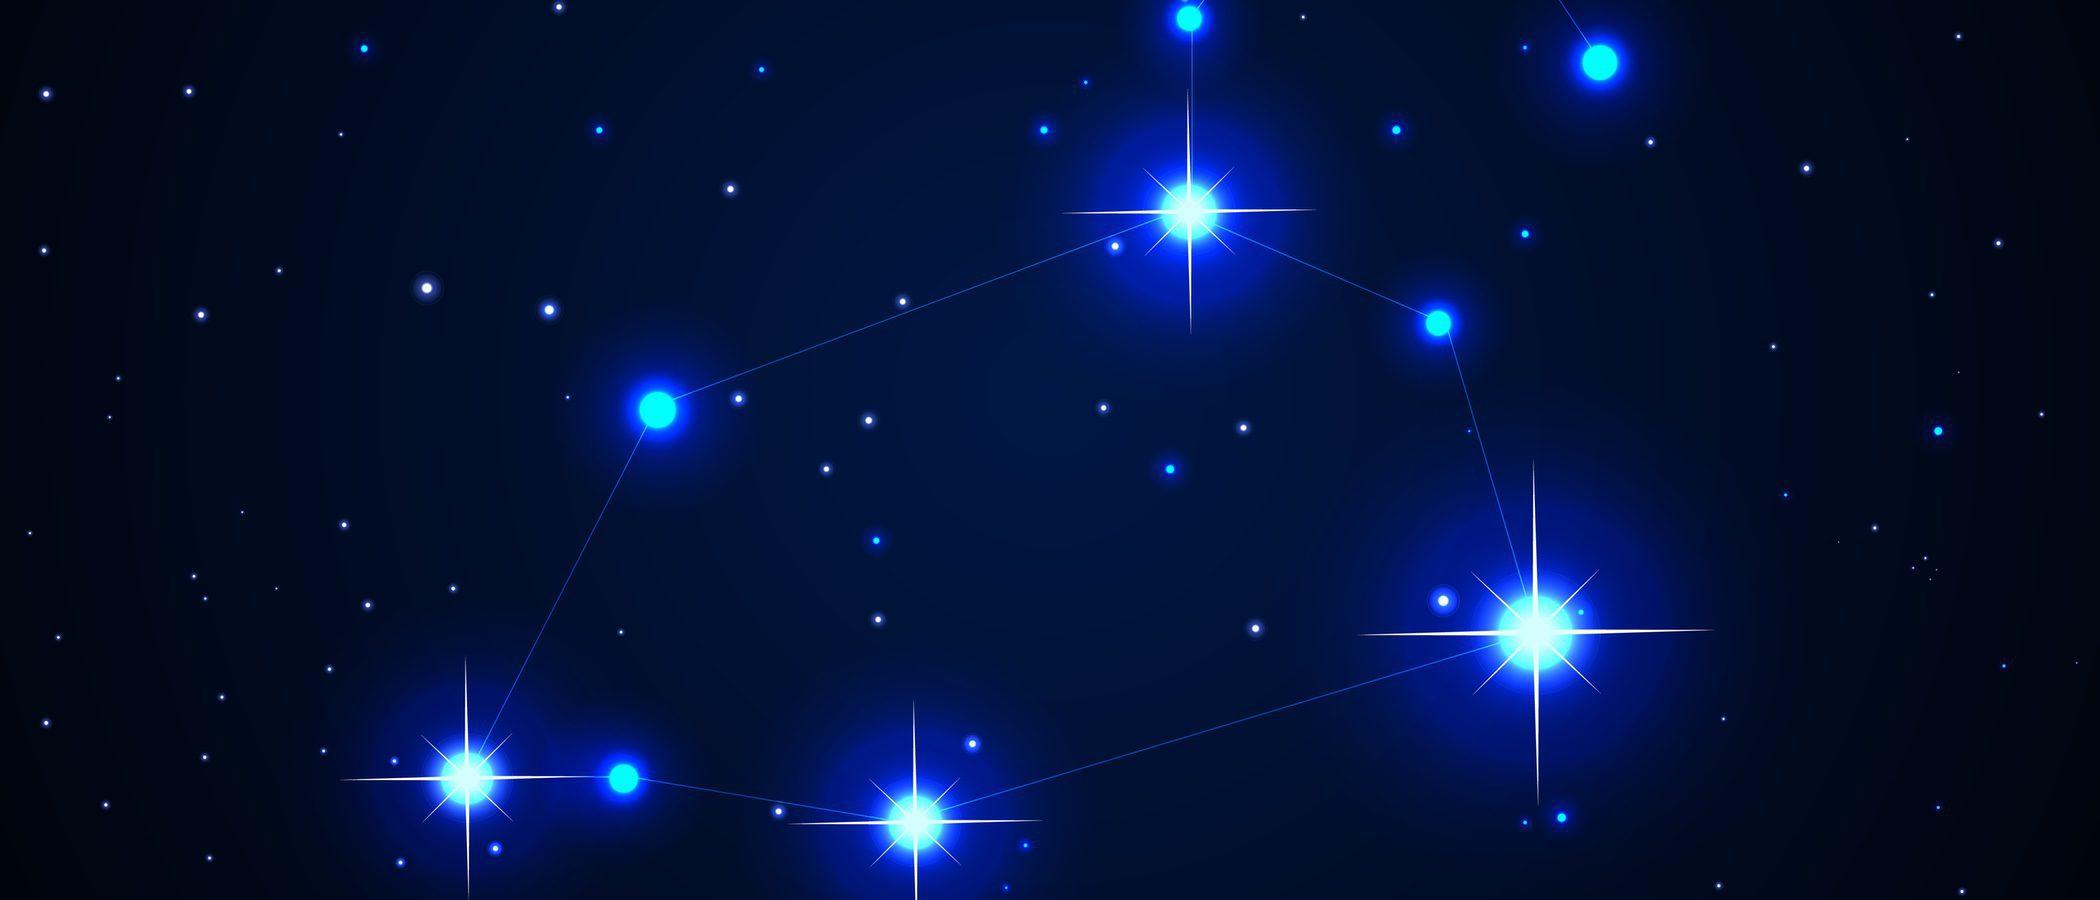 El nuevo horóscopo: descubre qué signo eres realmente